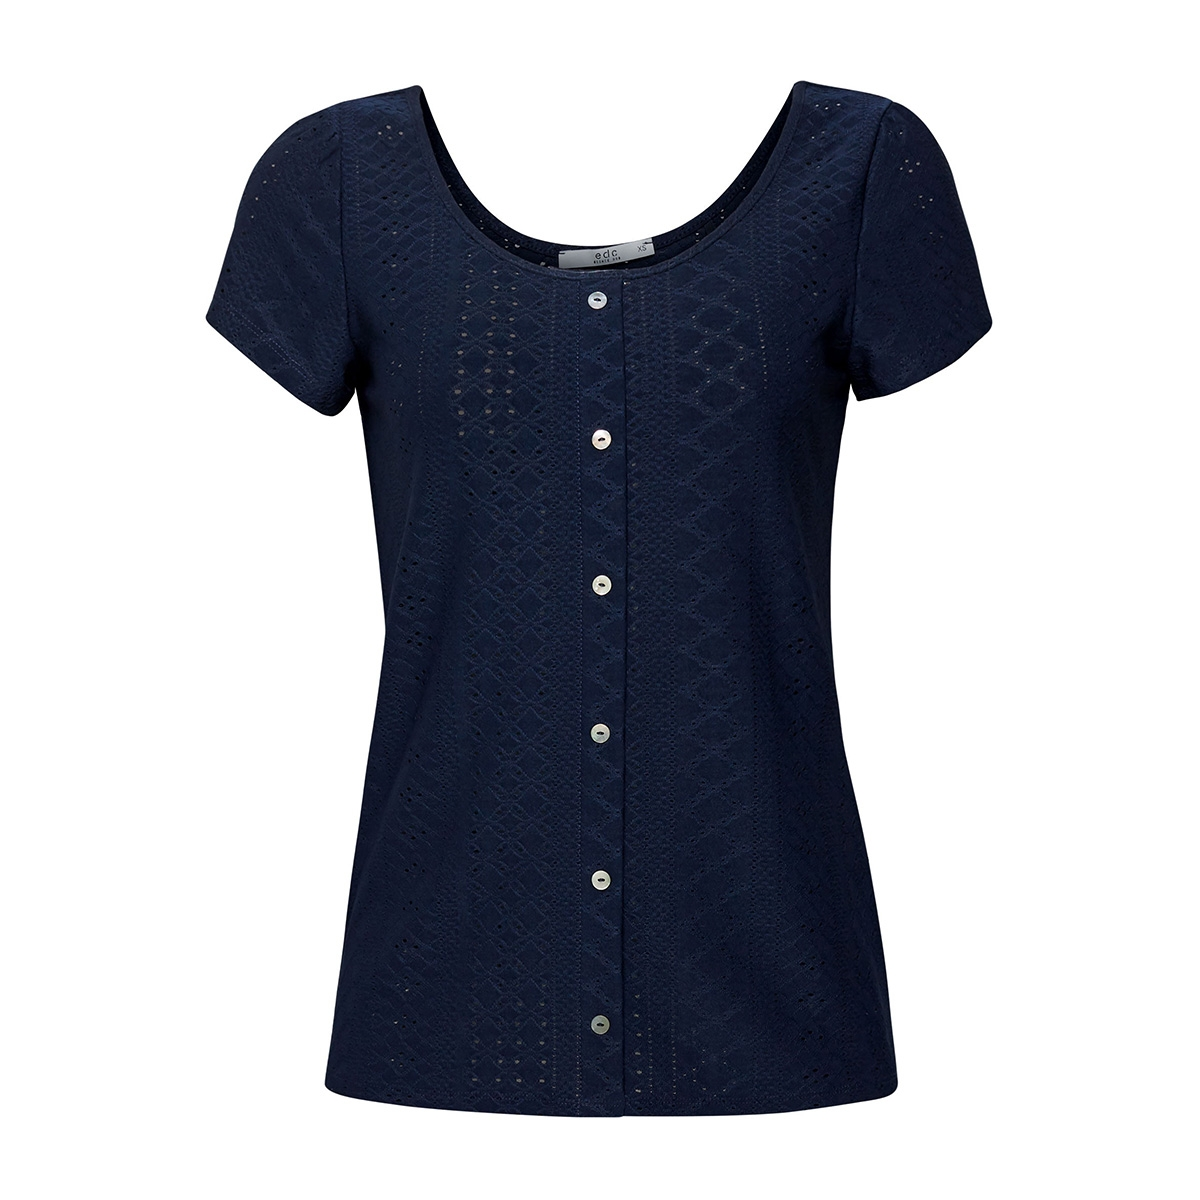 shirt met opengewerkt motief 059cc1k005 edc t-shirt c400